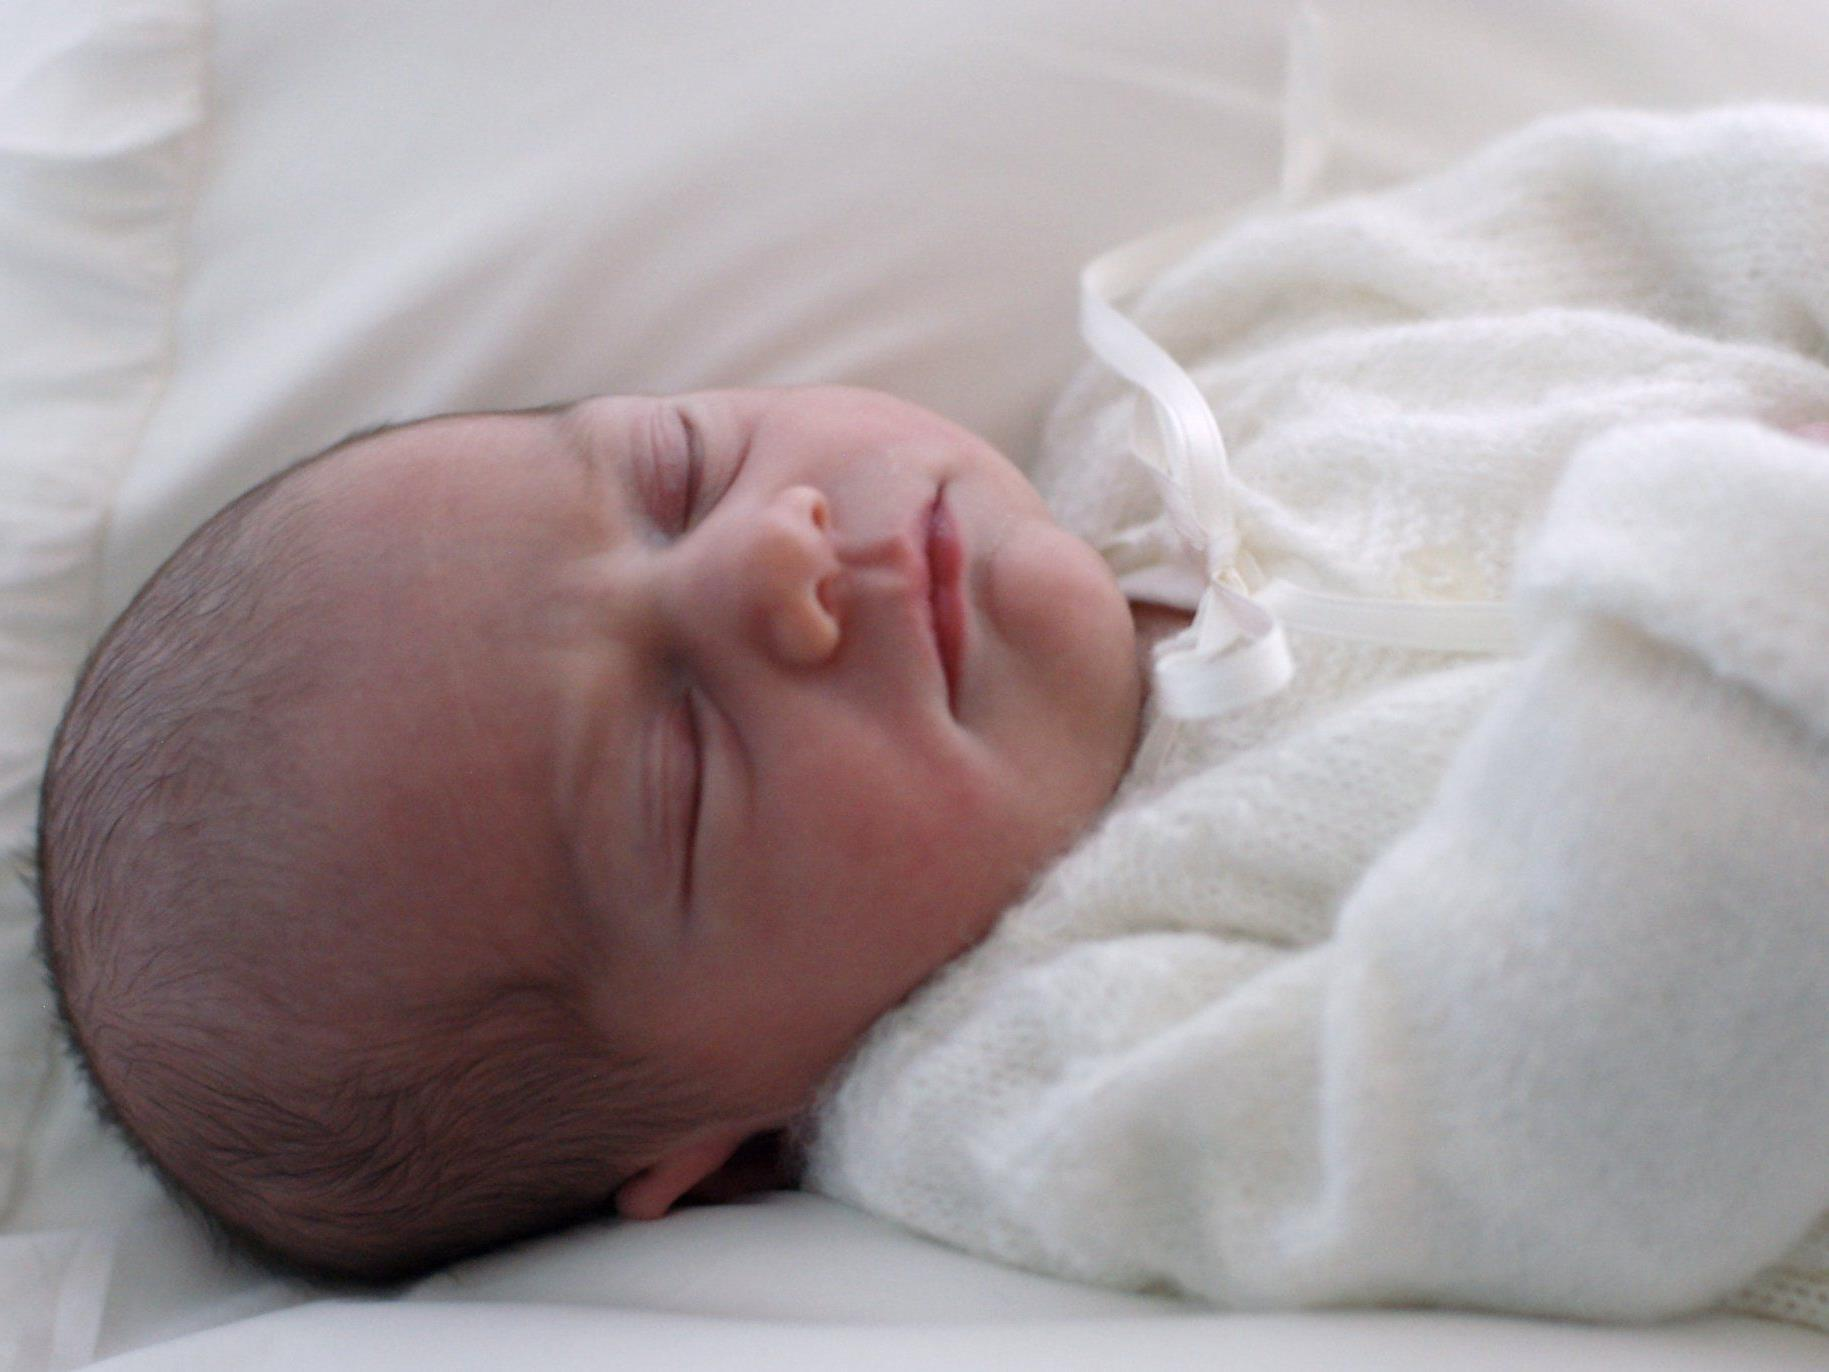 Prinzessin Estelle soll am 22. Mai in Stockholm getauft werden.